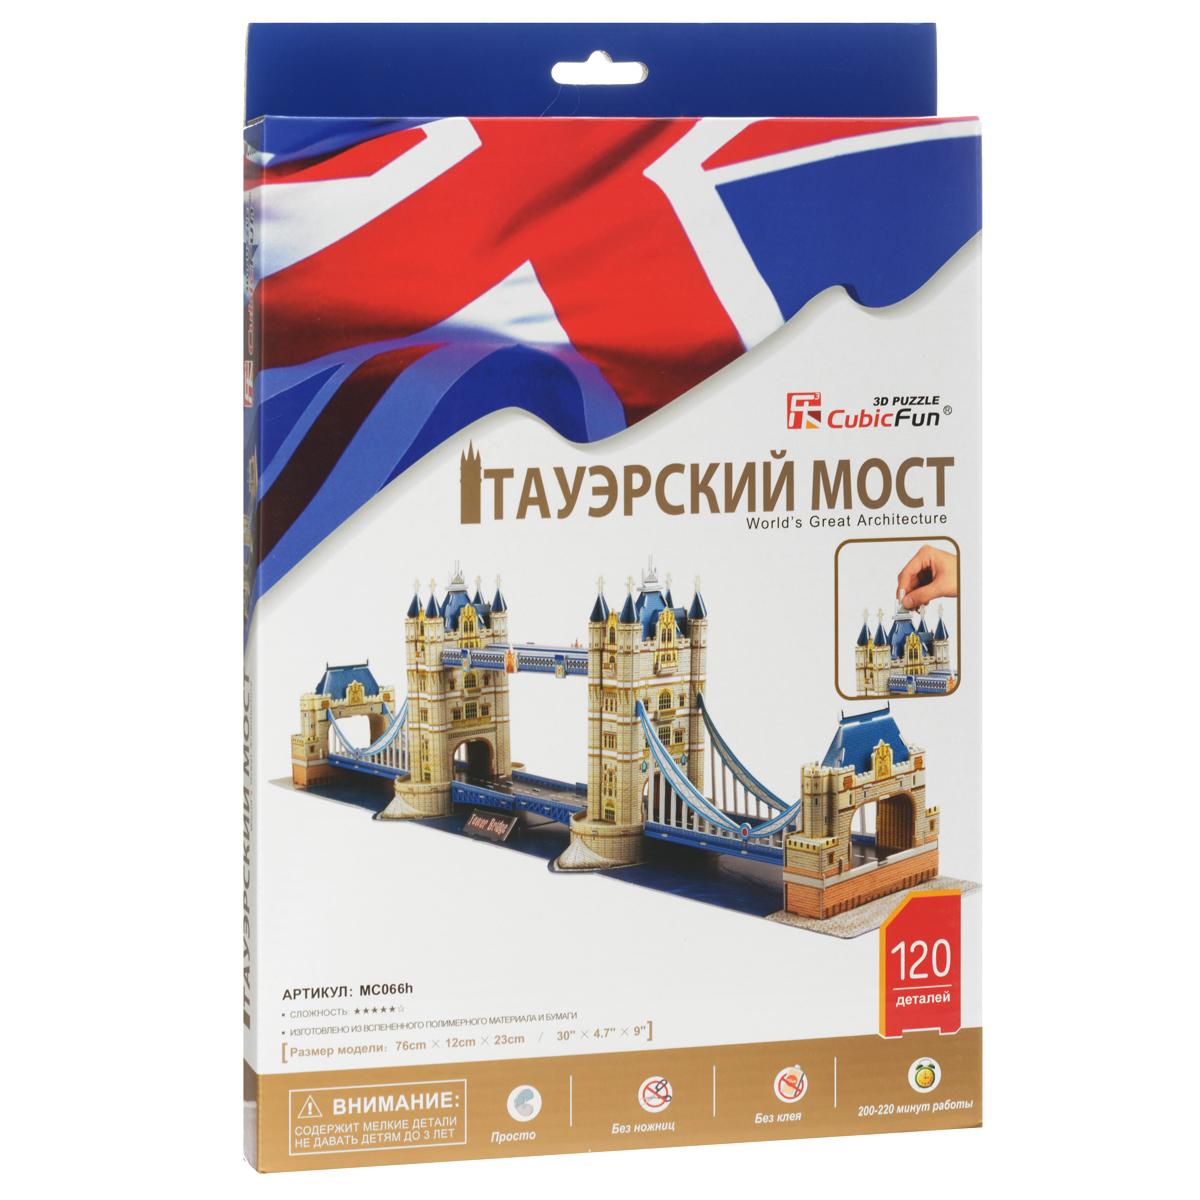 CubicFun Тауэрский мост, 120 элементовMC066hТауэрский мост - уникальный конструктор-макет, с которым можно играть как дома, так и на улице. Составные элементы конструктора красочны и достаточно большие для того, чтобы даже маленькому ребенку было удобно и комфортно в него играть. Достаточно просто соединить элементы конструктора, и Вы получите объемную модель Тауэрского моста. Тауэрский мост - разводной мост в центре Лондона над рекой Темзой, недалеко от Лондонского Тауэра. Открыт в 1894 году. Мост спроектировал Гораце Джонс, он представляет собой разводной мост длиной 244 м с двумя поставленными на устои башнями высотой 65 м. Центральный пролет между башнями, длиной 61 м, разбит на два подъемных крыла, которые для пропуска судов могут быть подняты на угол 83°. Каждое из более чем тысячетонных крыльев снабжено противовесом, минимизирующим необходимое усилие и позволяющим развести мост за одну минуту. В движение пролет приводится с помощью гидравлической системы, первоначально водяной, с рабочим давлением 50 бар. Вода...